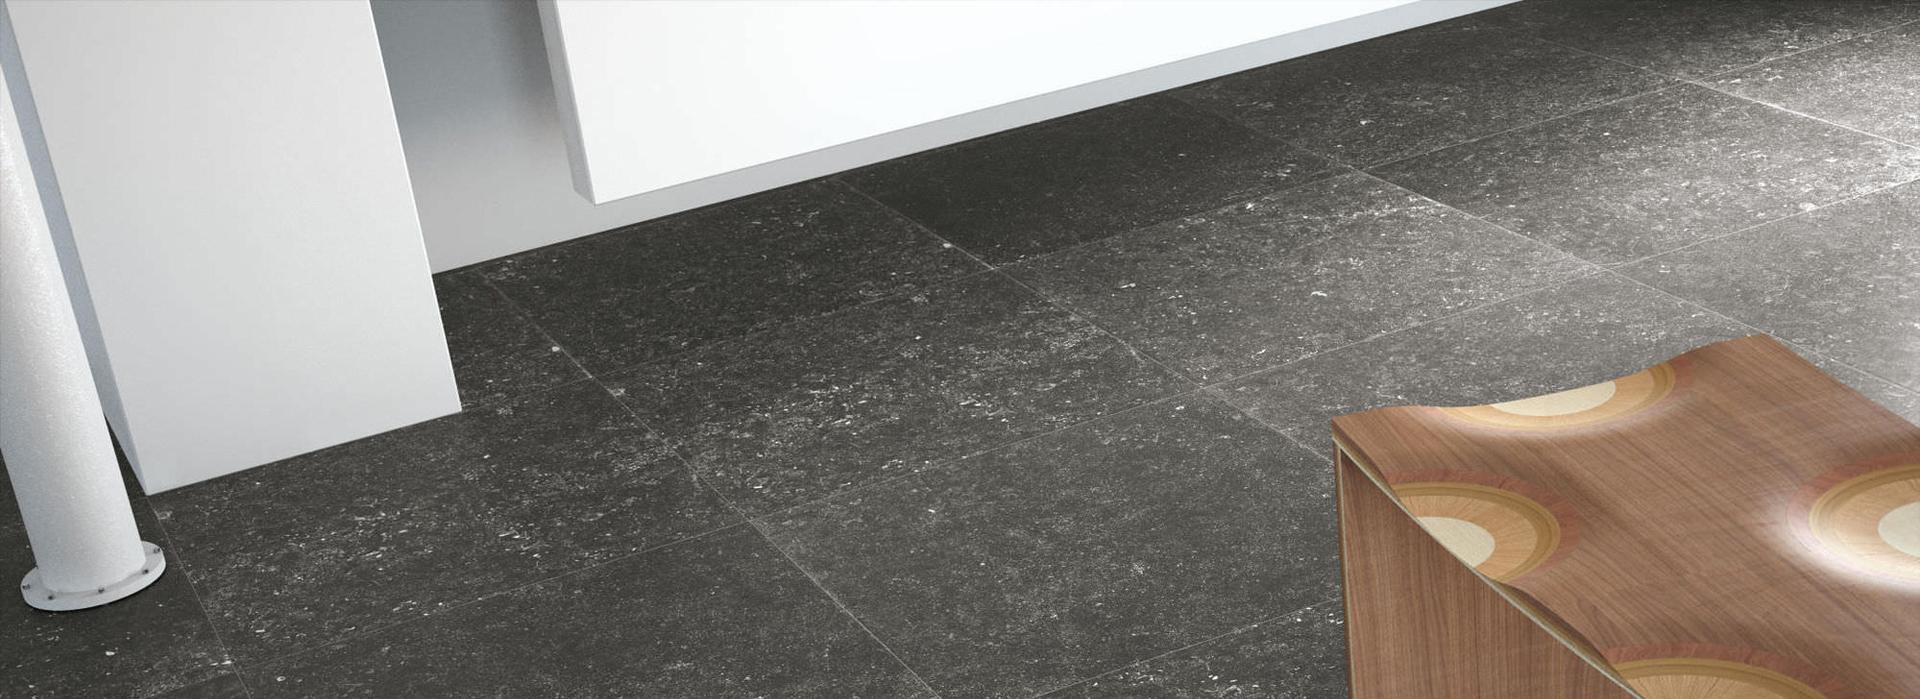 Home Comercial Fuelanza Grifer A Y Sanitarios Pavimentos De  # Cegrisa Muebles De Bano